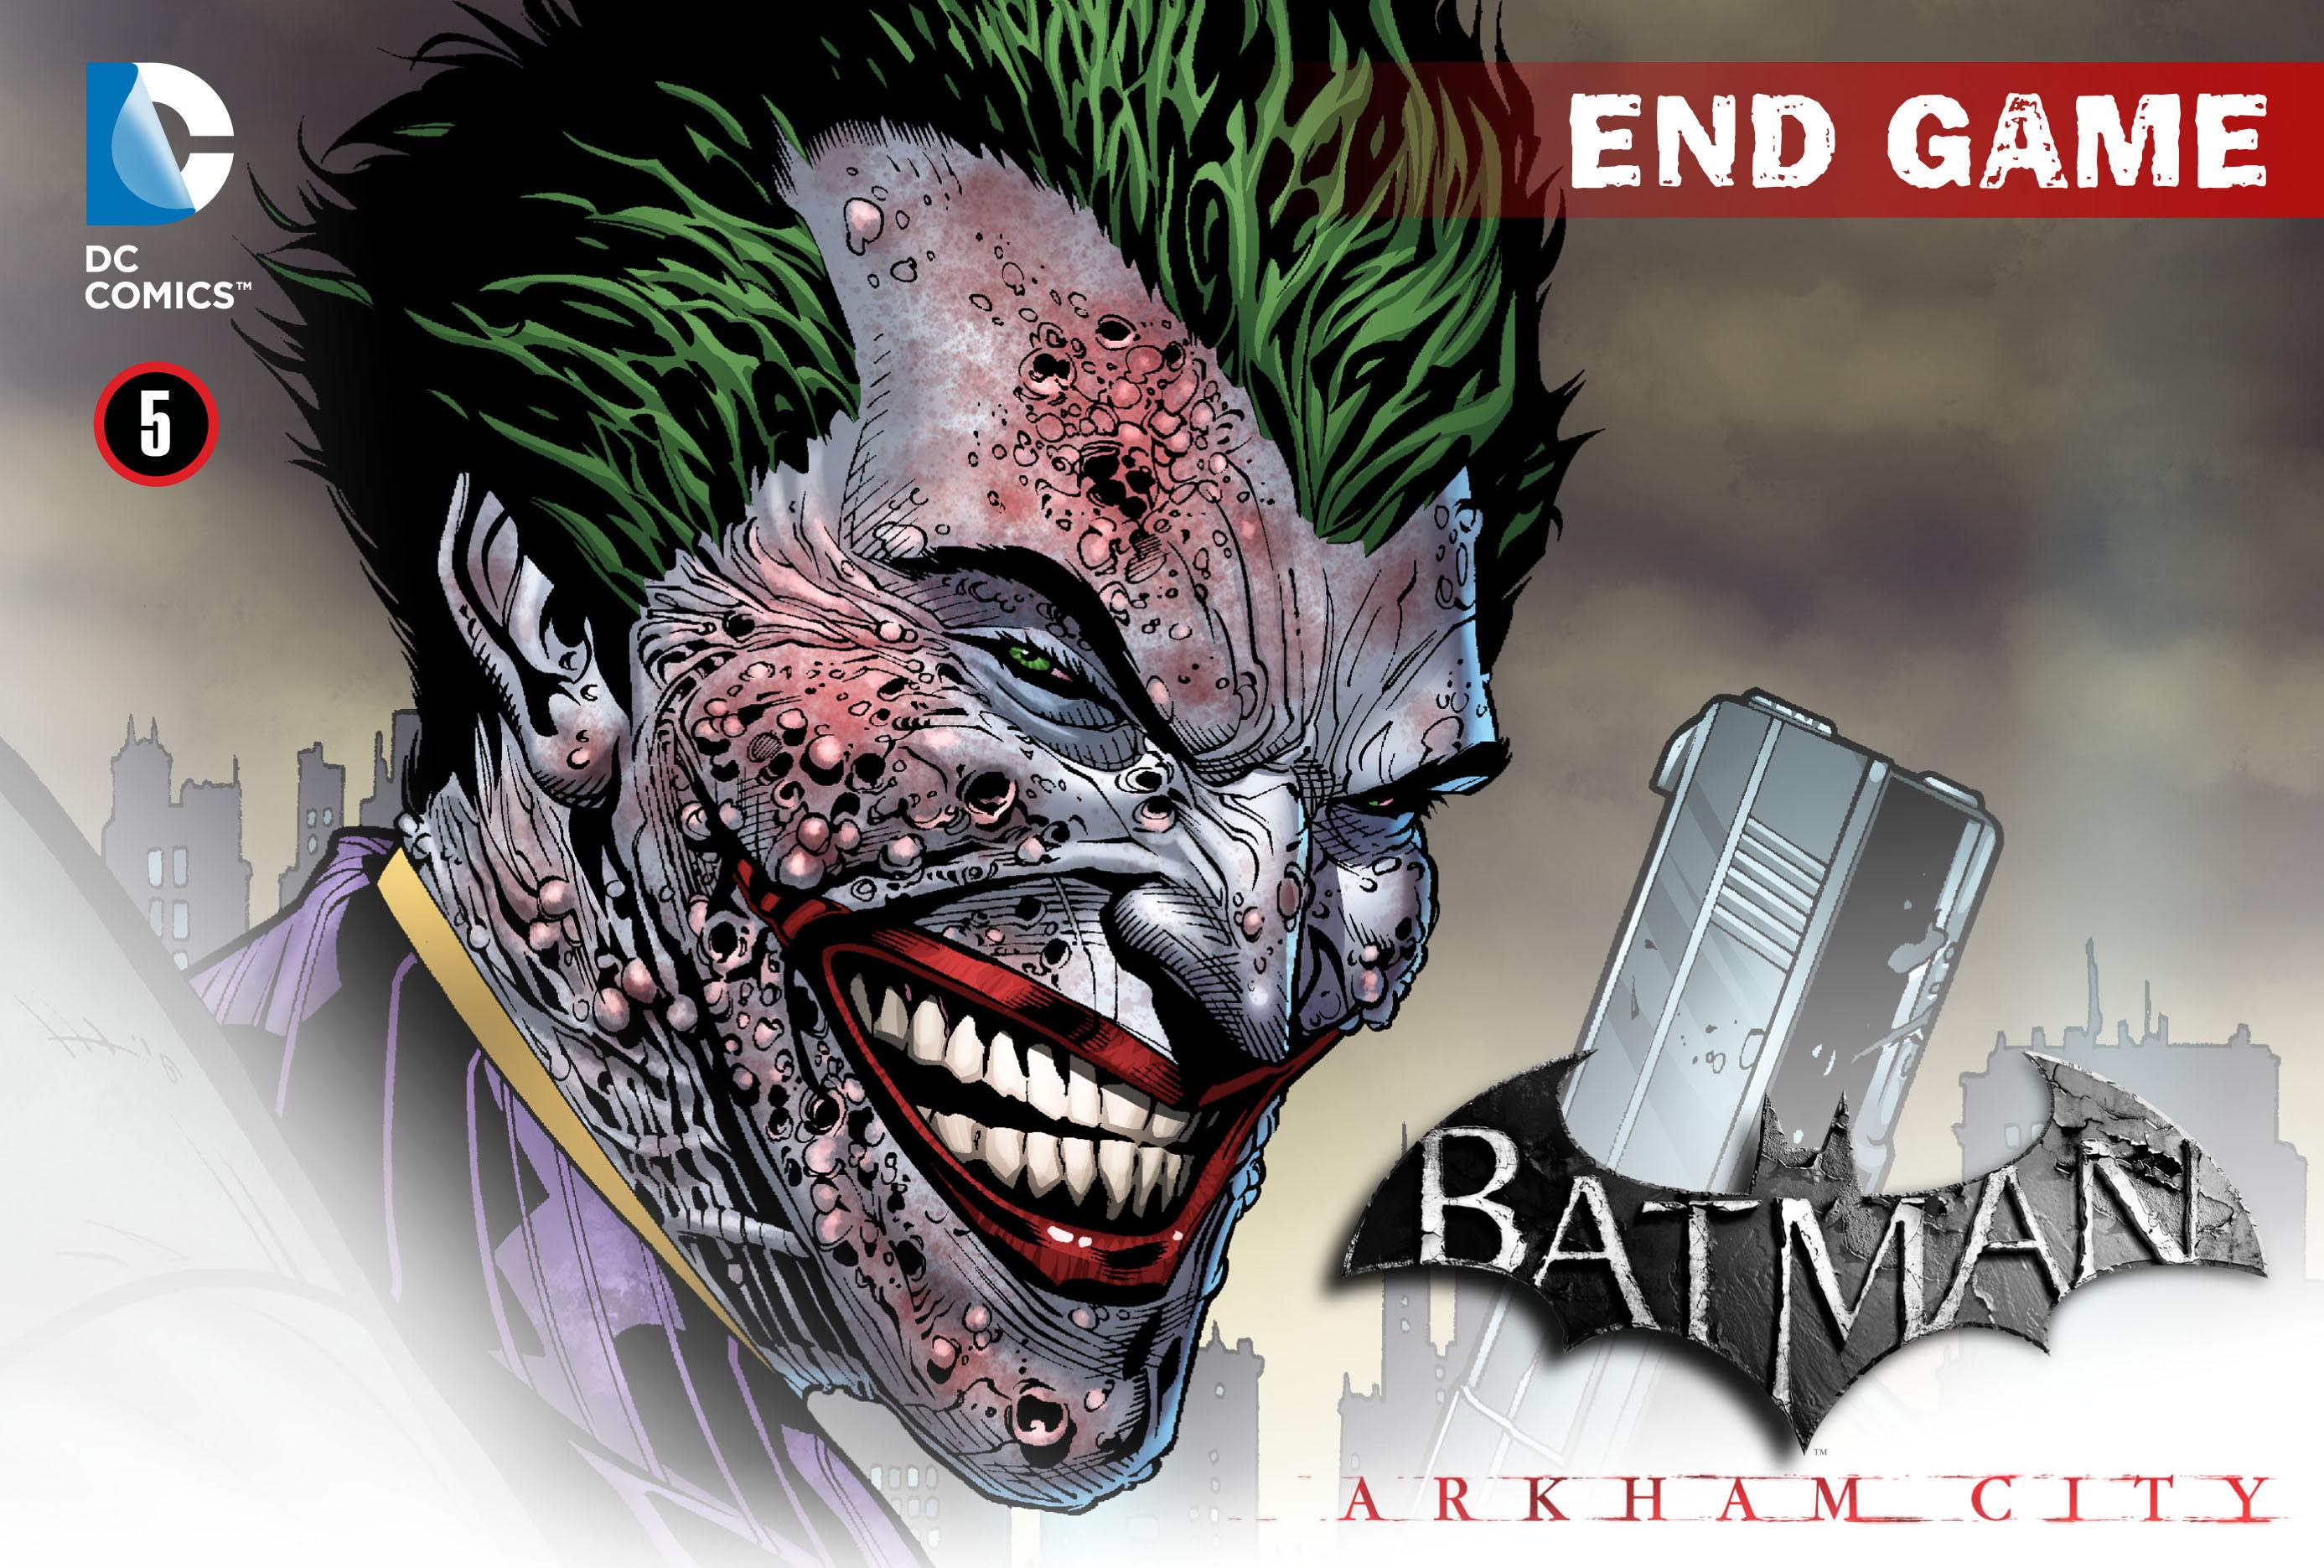 Batman: Arkham City: End Game 5 Page 1